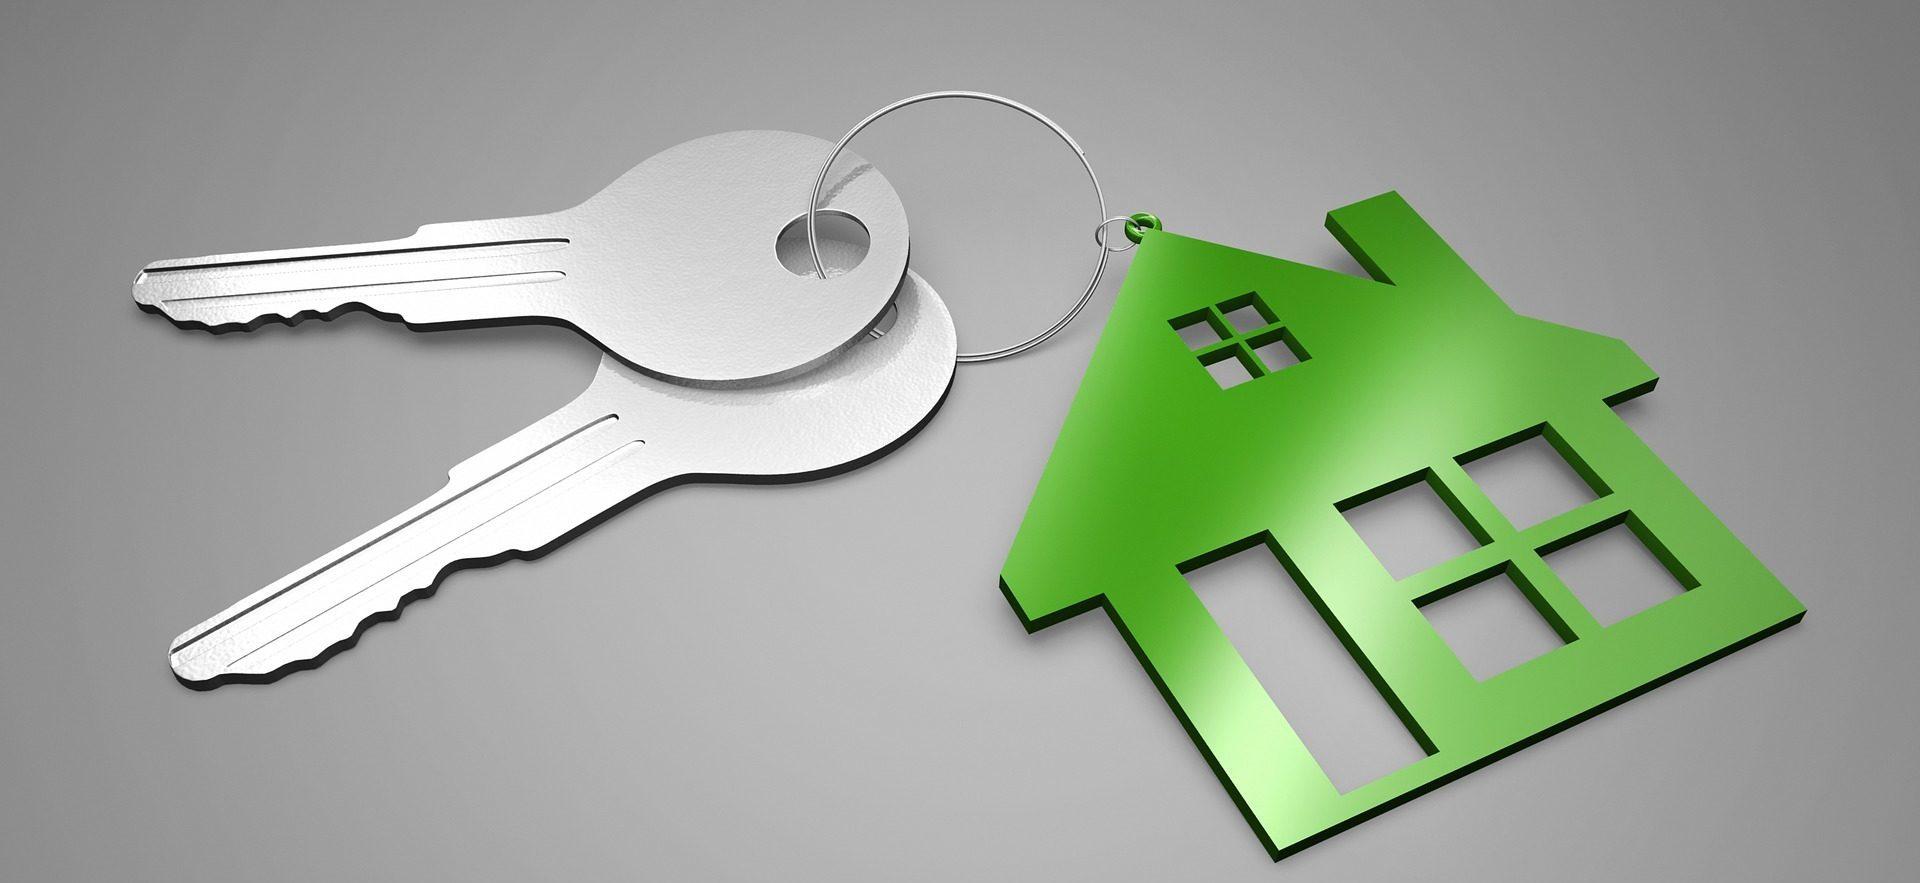 recurso HIPOTECA, VIVIENDA, CASA, COMPRAR, VENDER, INMOBILIARIO, HOGAR, ALQUILER, ECONOMÍA, BBVA, Incentivos estatales para comprar viviendas, Mivivienda, ExpoMivivienda, BBVA Continental